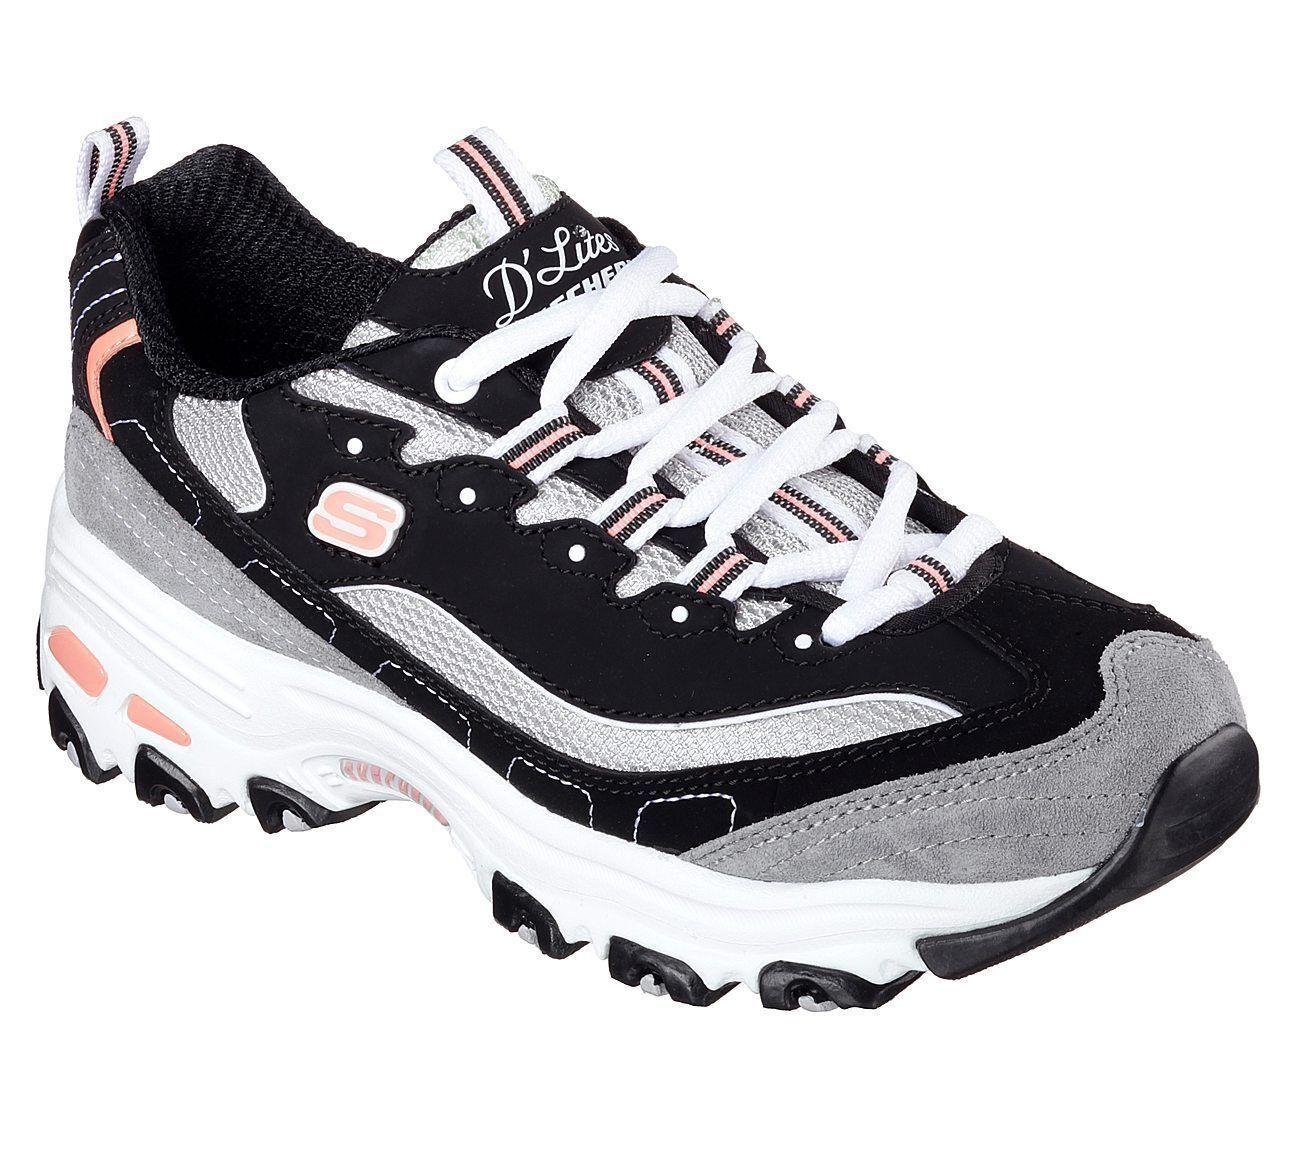 Black Dlites Skechers shoes Women's Sport 11947 Casual Memory Foam Sport lace Up